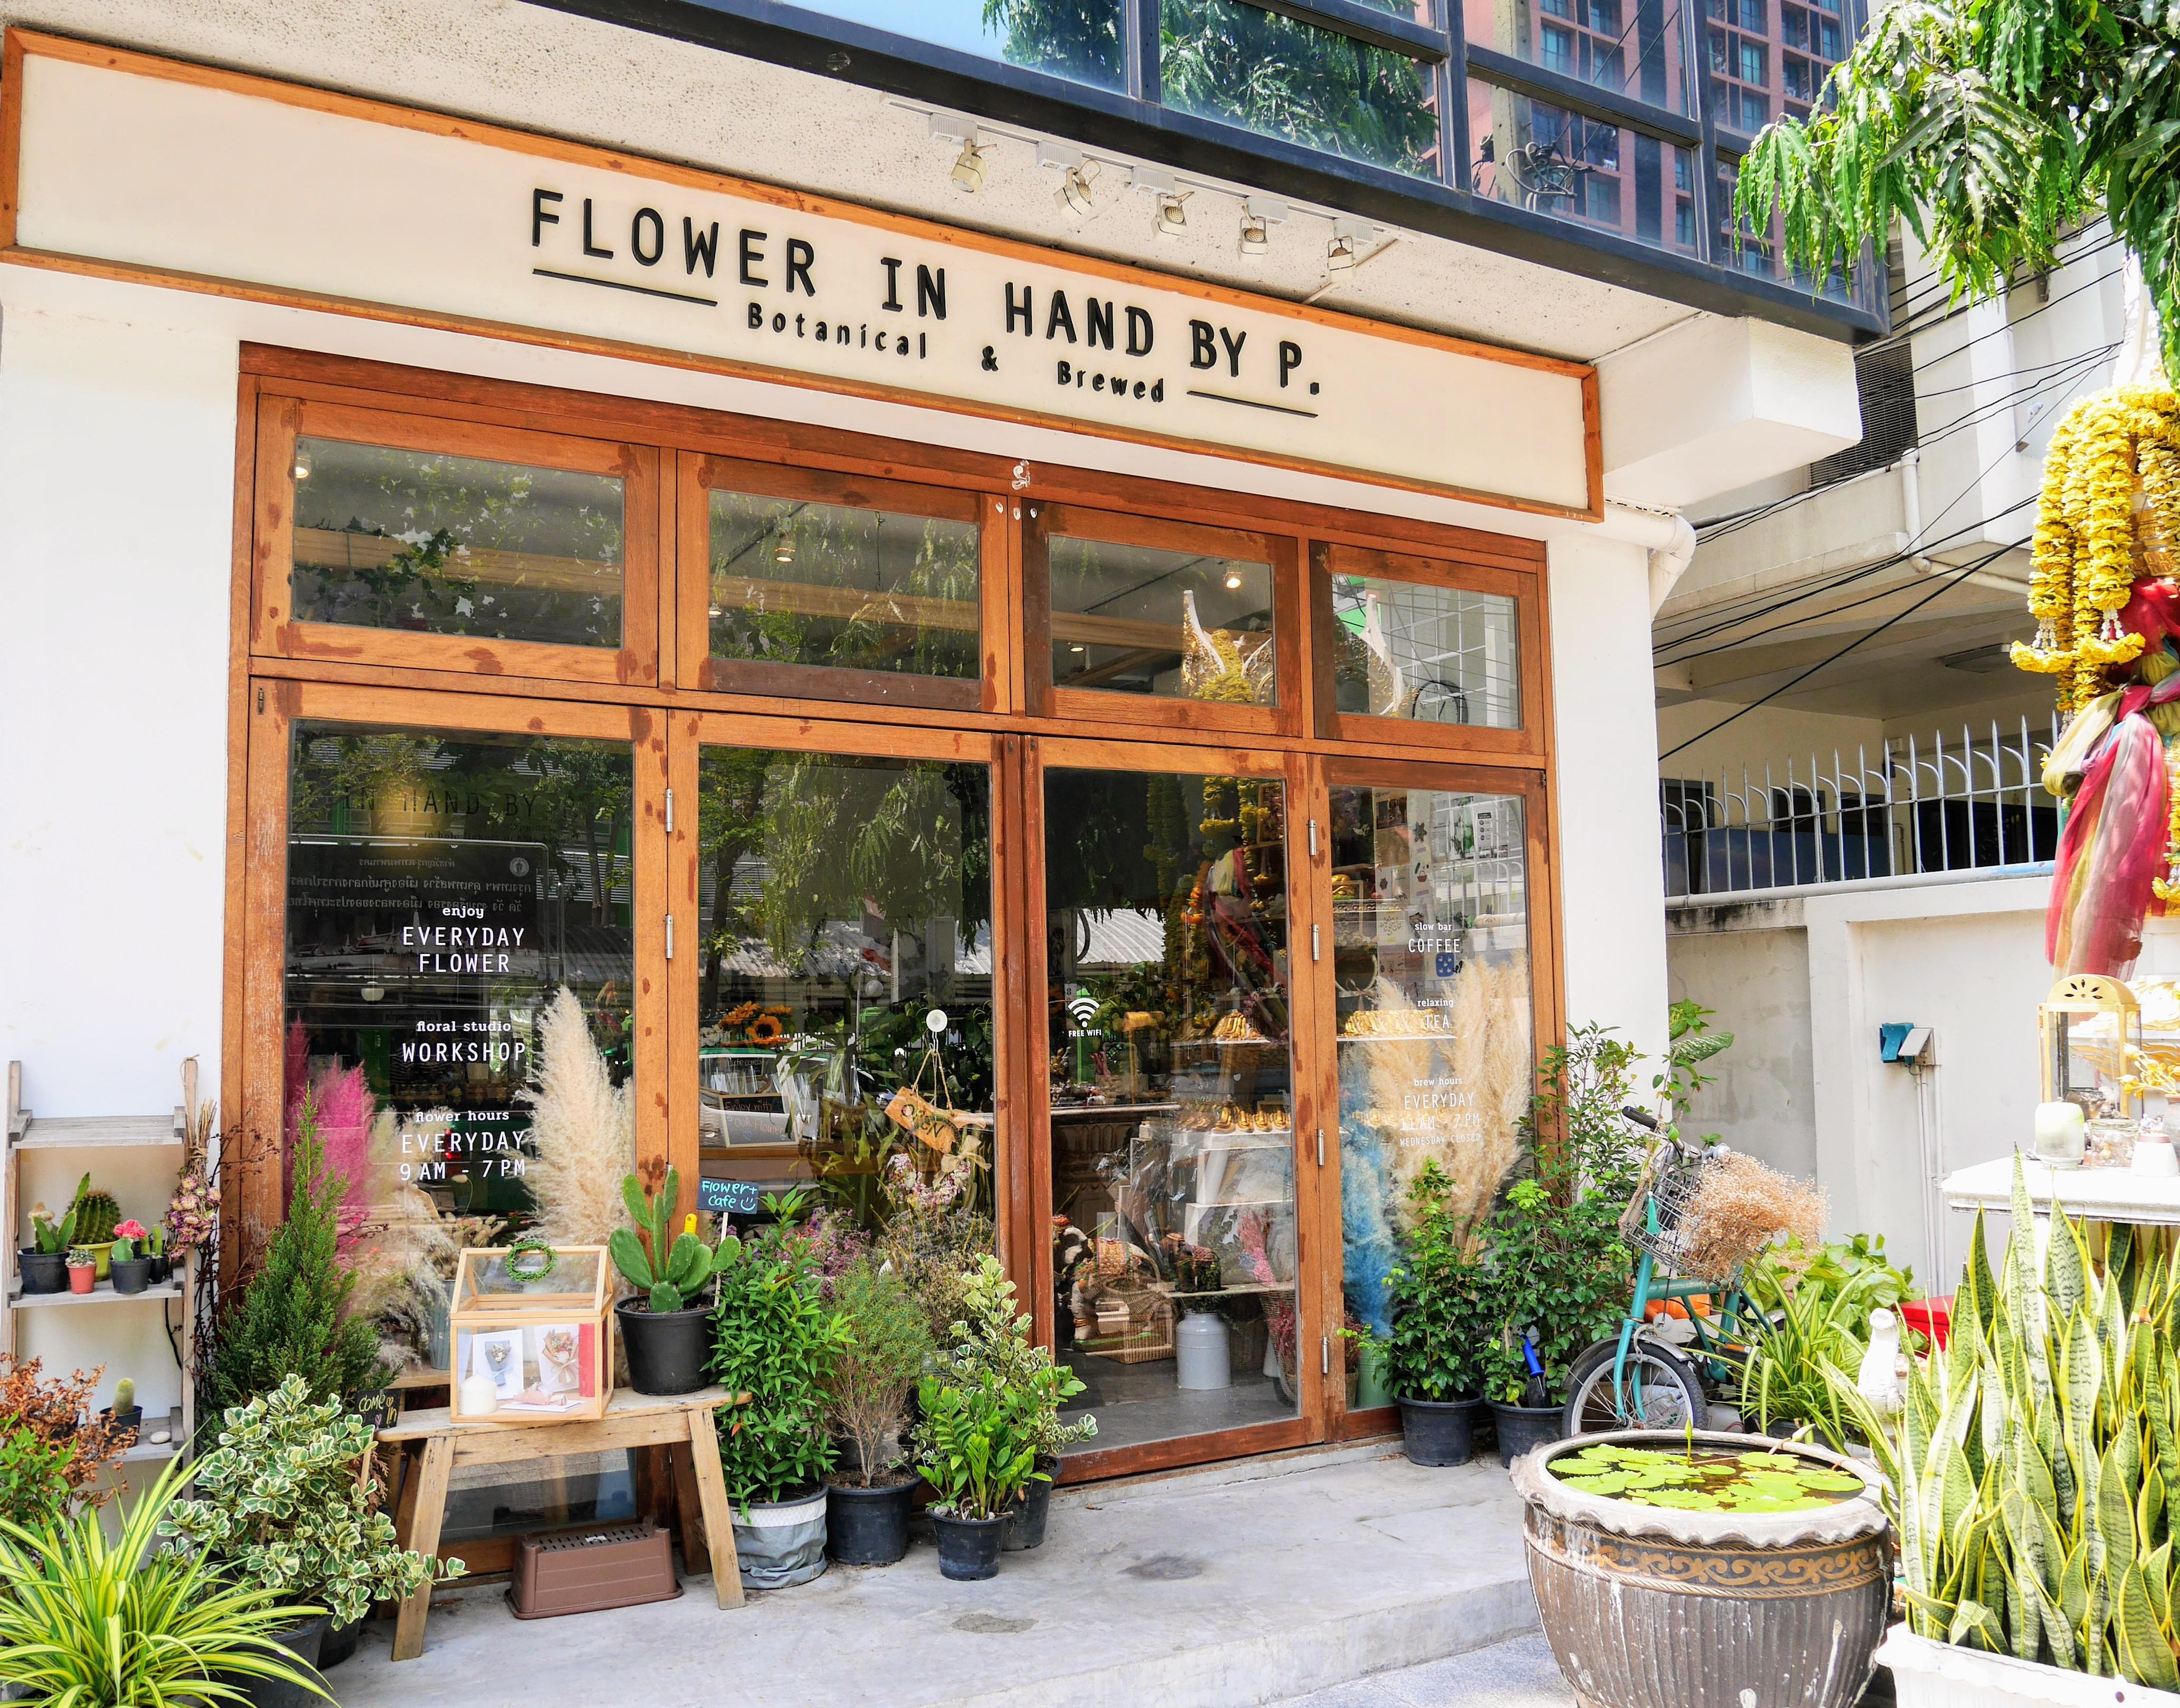 花に癒されるフォトジェニックなカフェ。Flower in Hand By P.